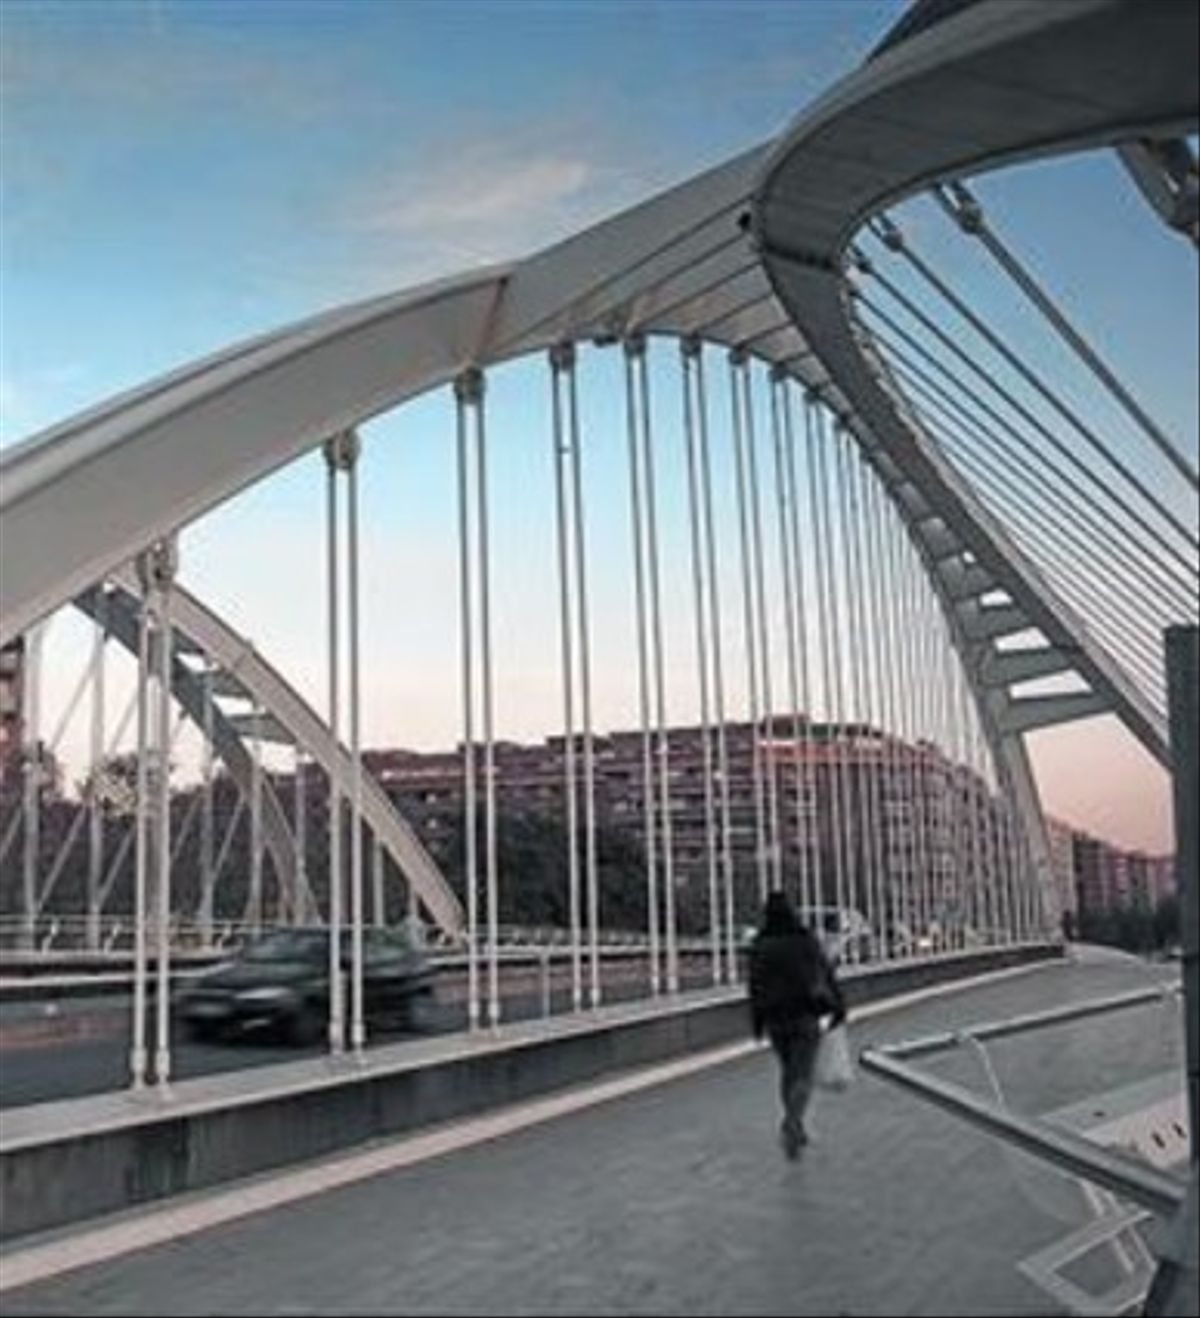 Antropomórfico 8El puente de Calatrava en Bac de Roda.